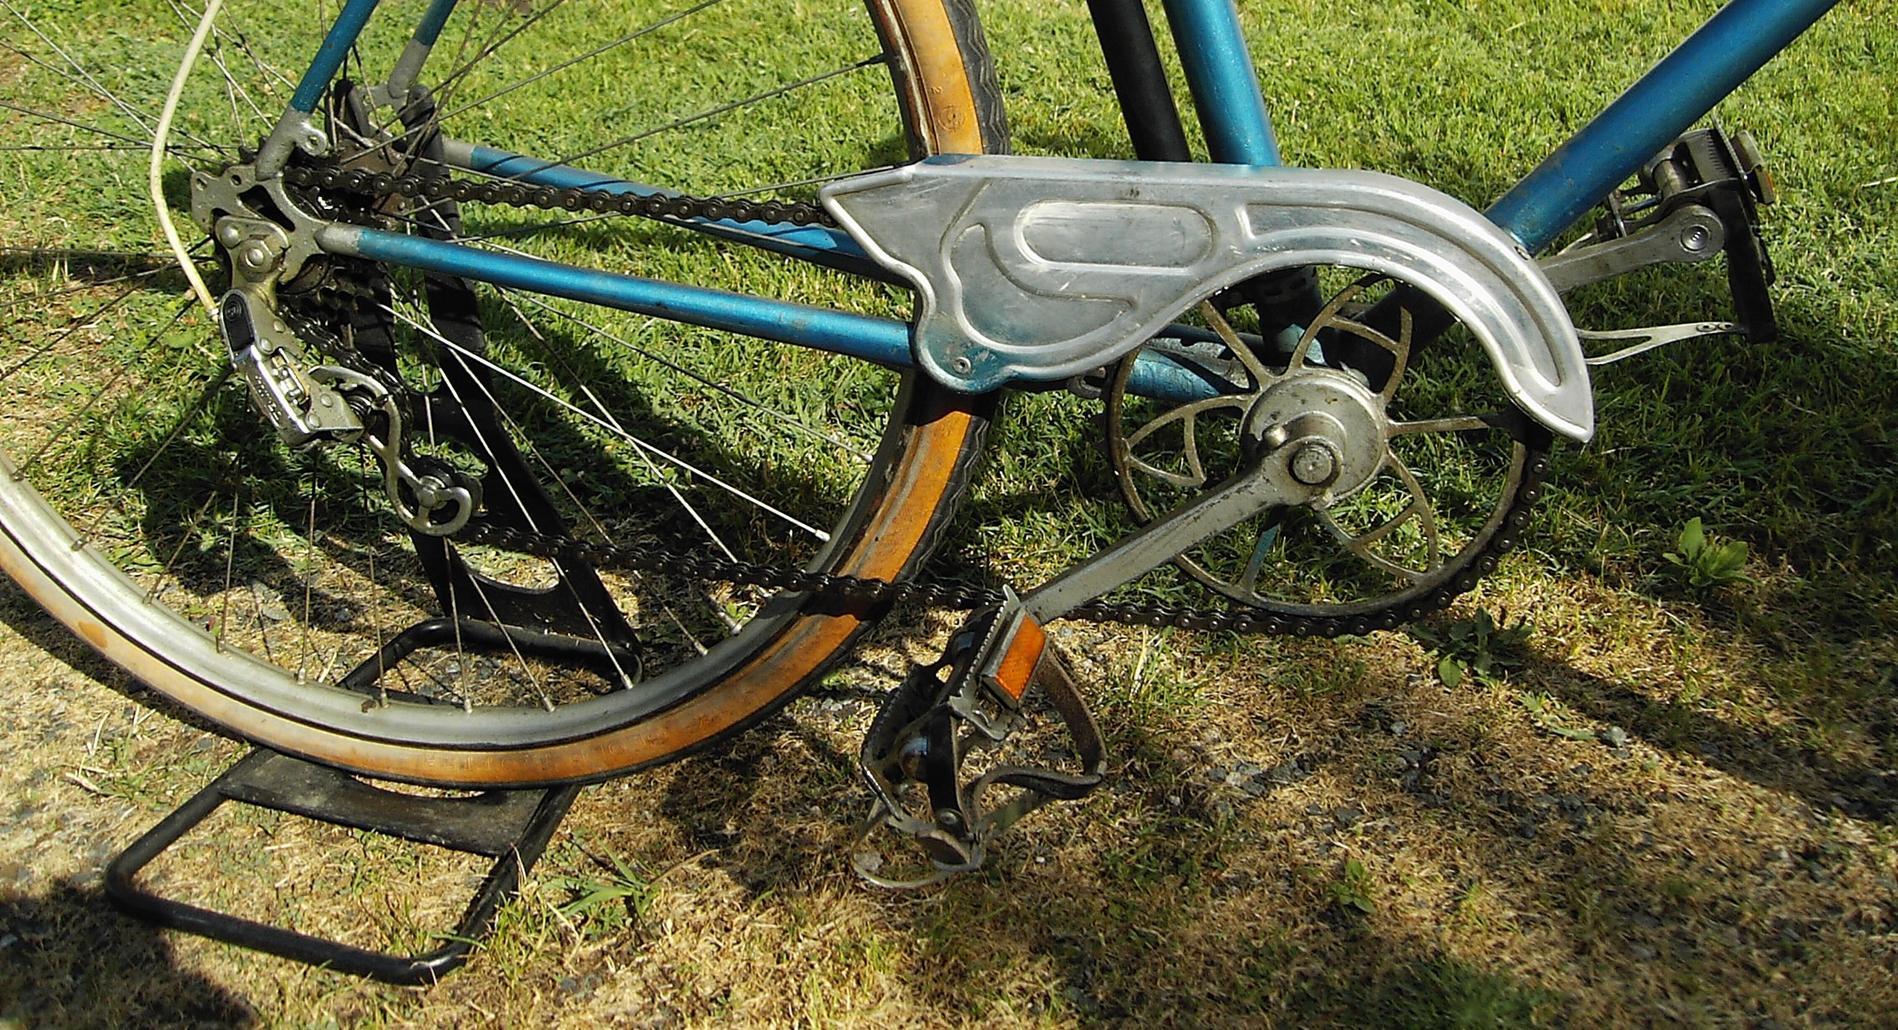 Besoin d'info sur ce vélo F2cab8869870bc2785ddcfe6a31ec4e4_1900